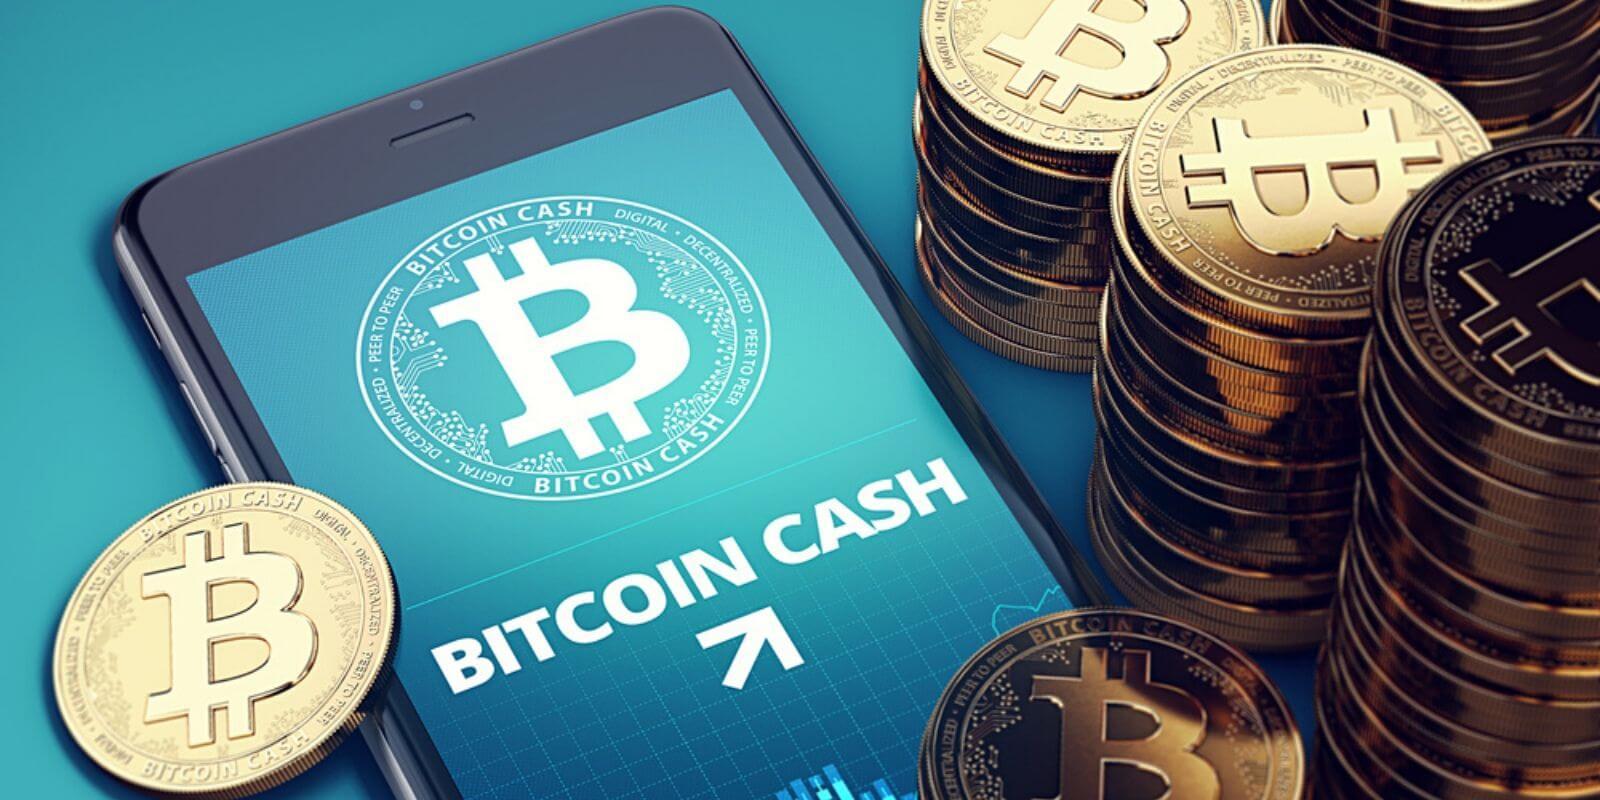 Un mineur du Bitcoin Cash a temporairement contrôlé 50% du hashrate du réseau